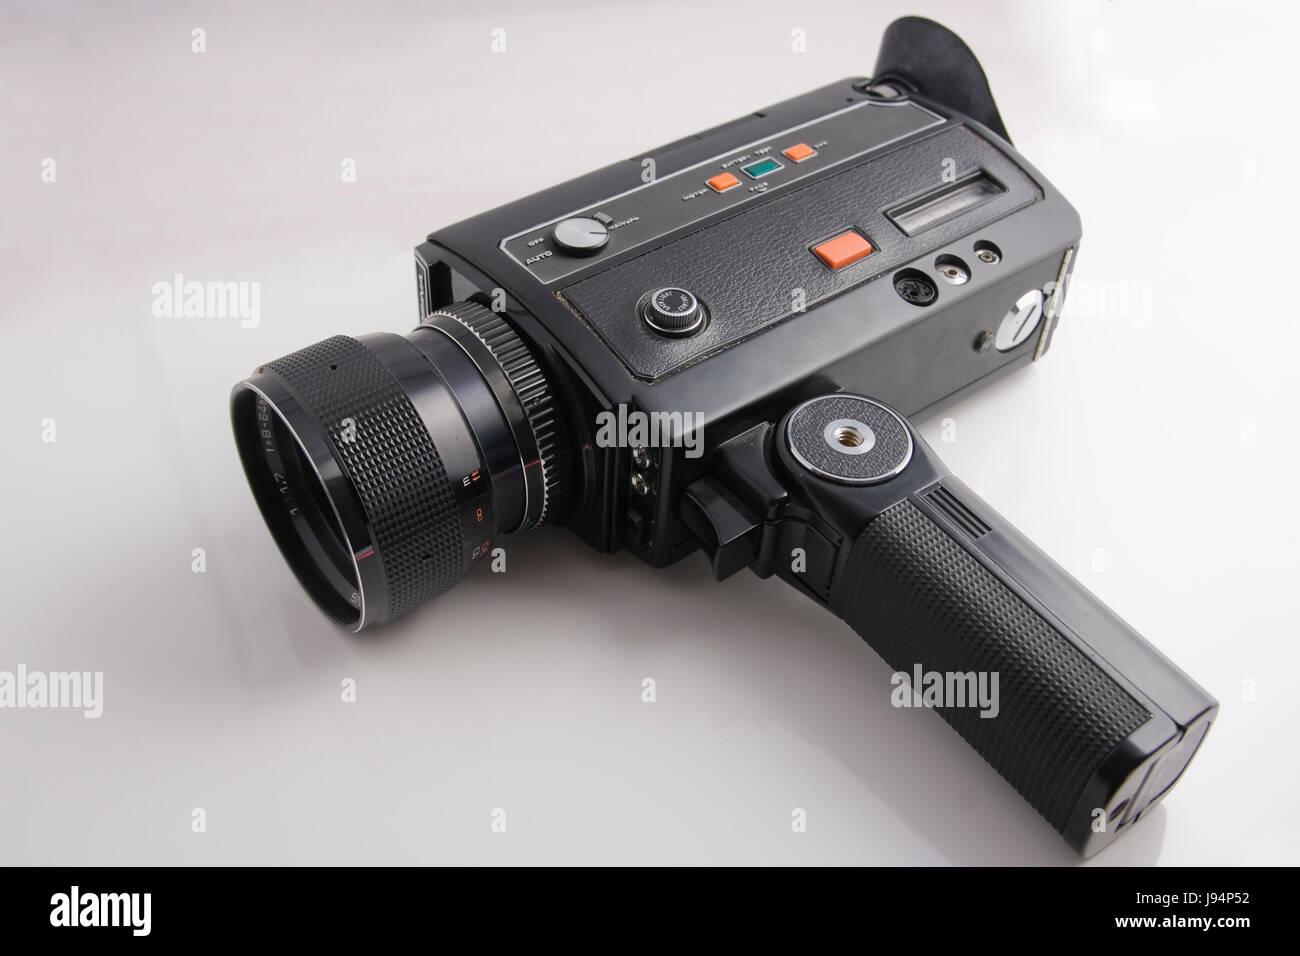 Cámara de cine, cine, cine, películas, mala película, cámara de vídeo, análogo, Imagen De Stock